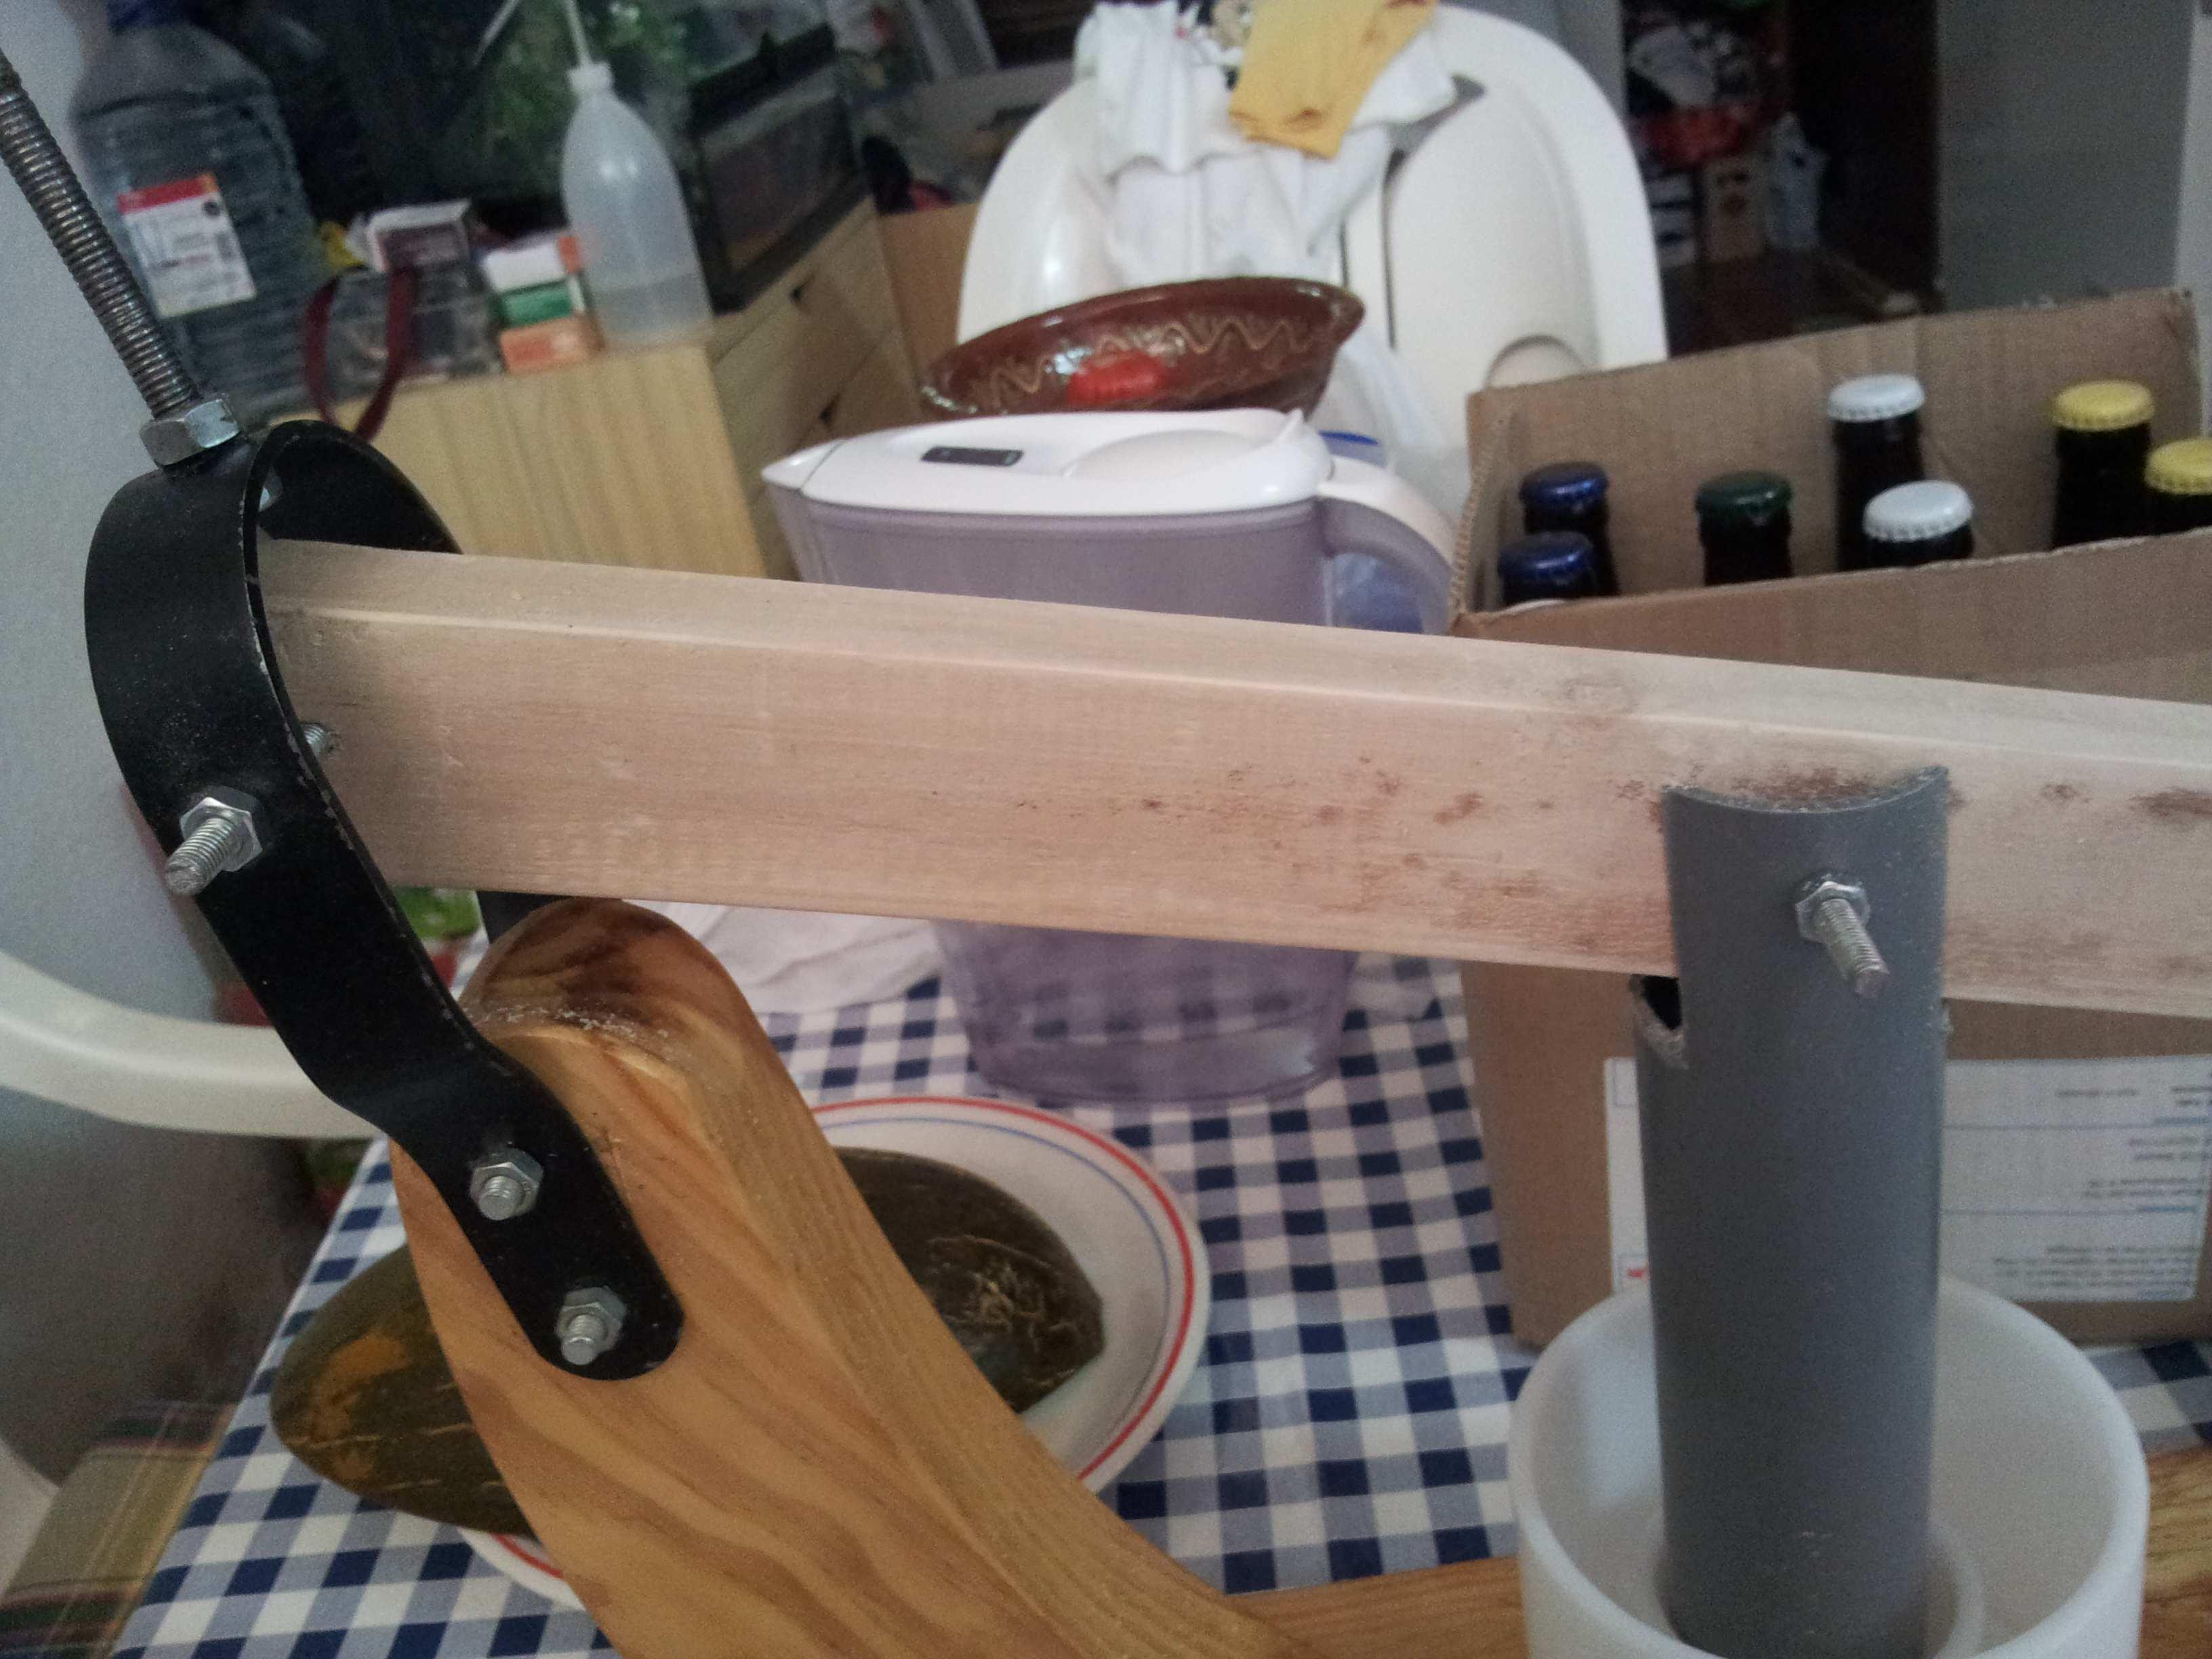 Prensa de palanca para queso casero utilizando un jamonero for Mecanismos de estores caseros